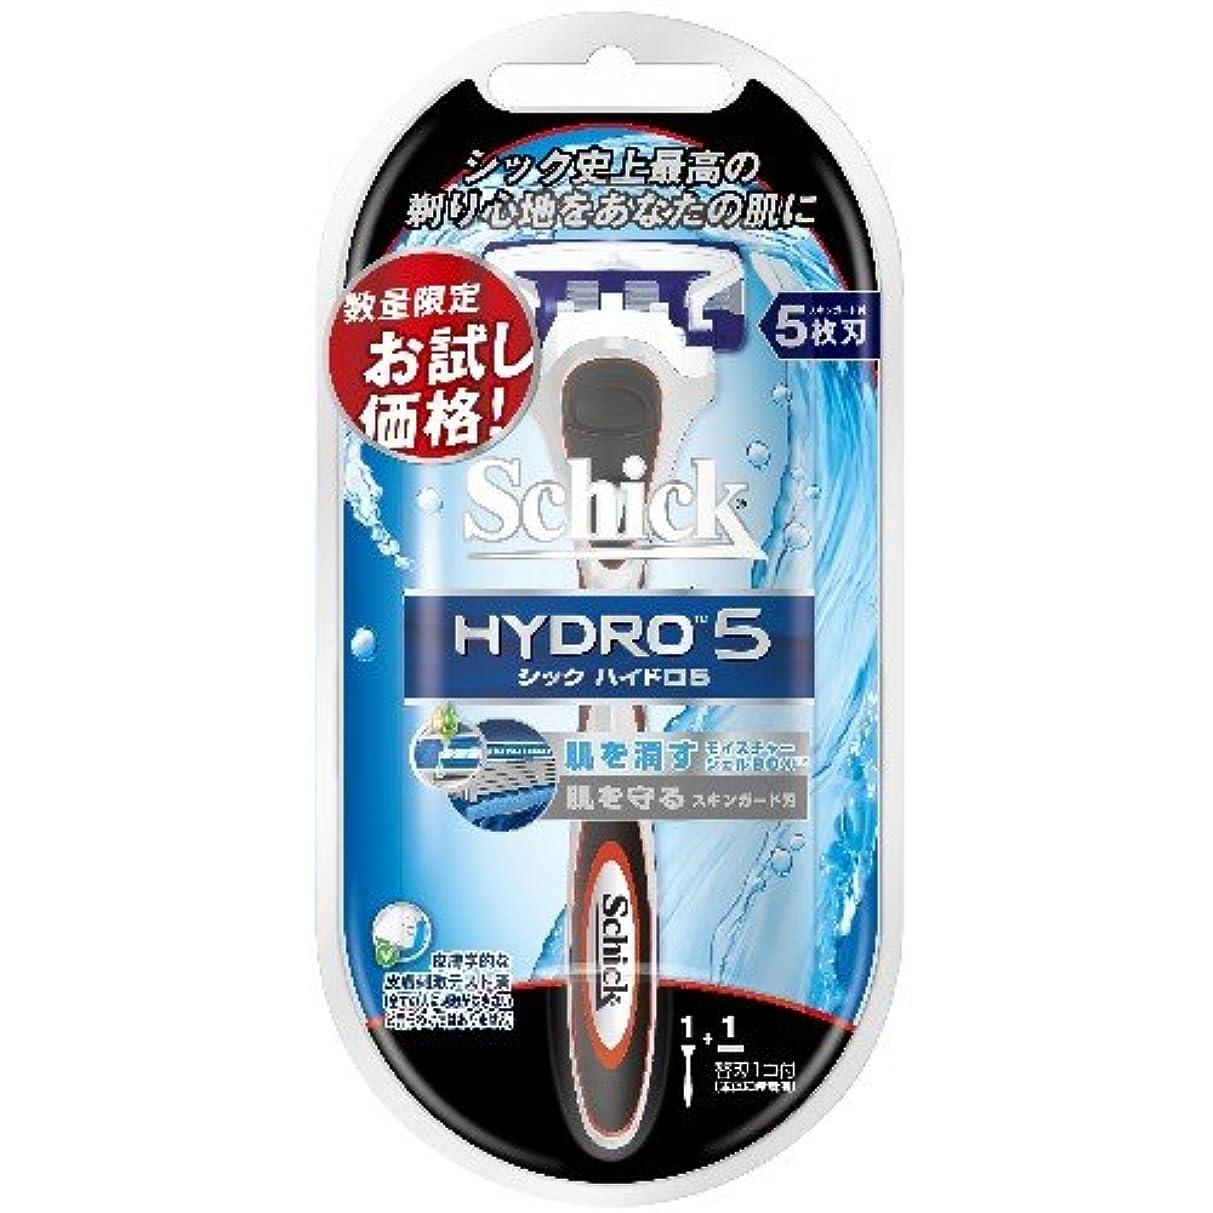 舌災害グラムシック 【限定品】ハイドロ5 お試しホルダー 替刃1コつき